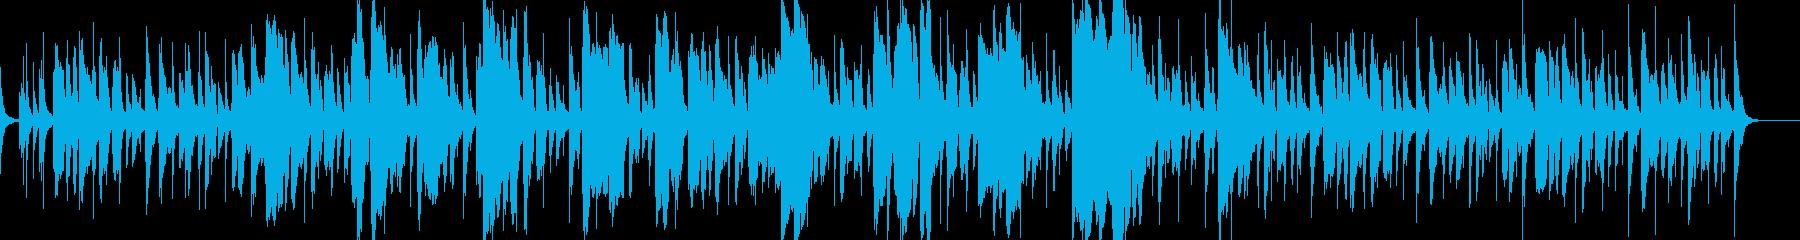 ラテン エロい・ムーディー・バラ・情熱的の再生済みの波形